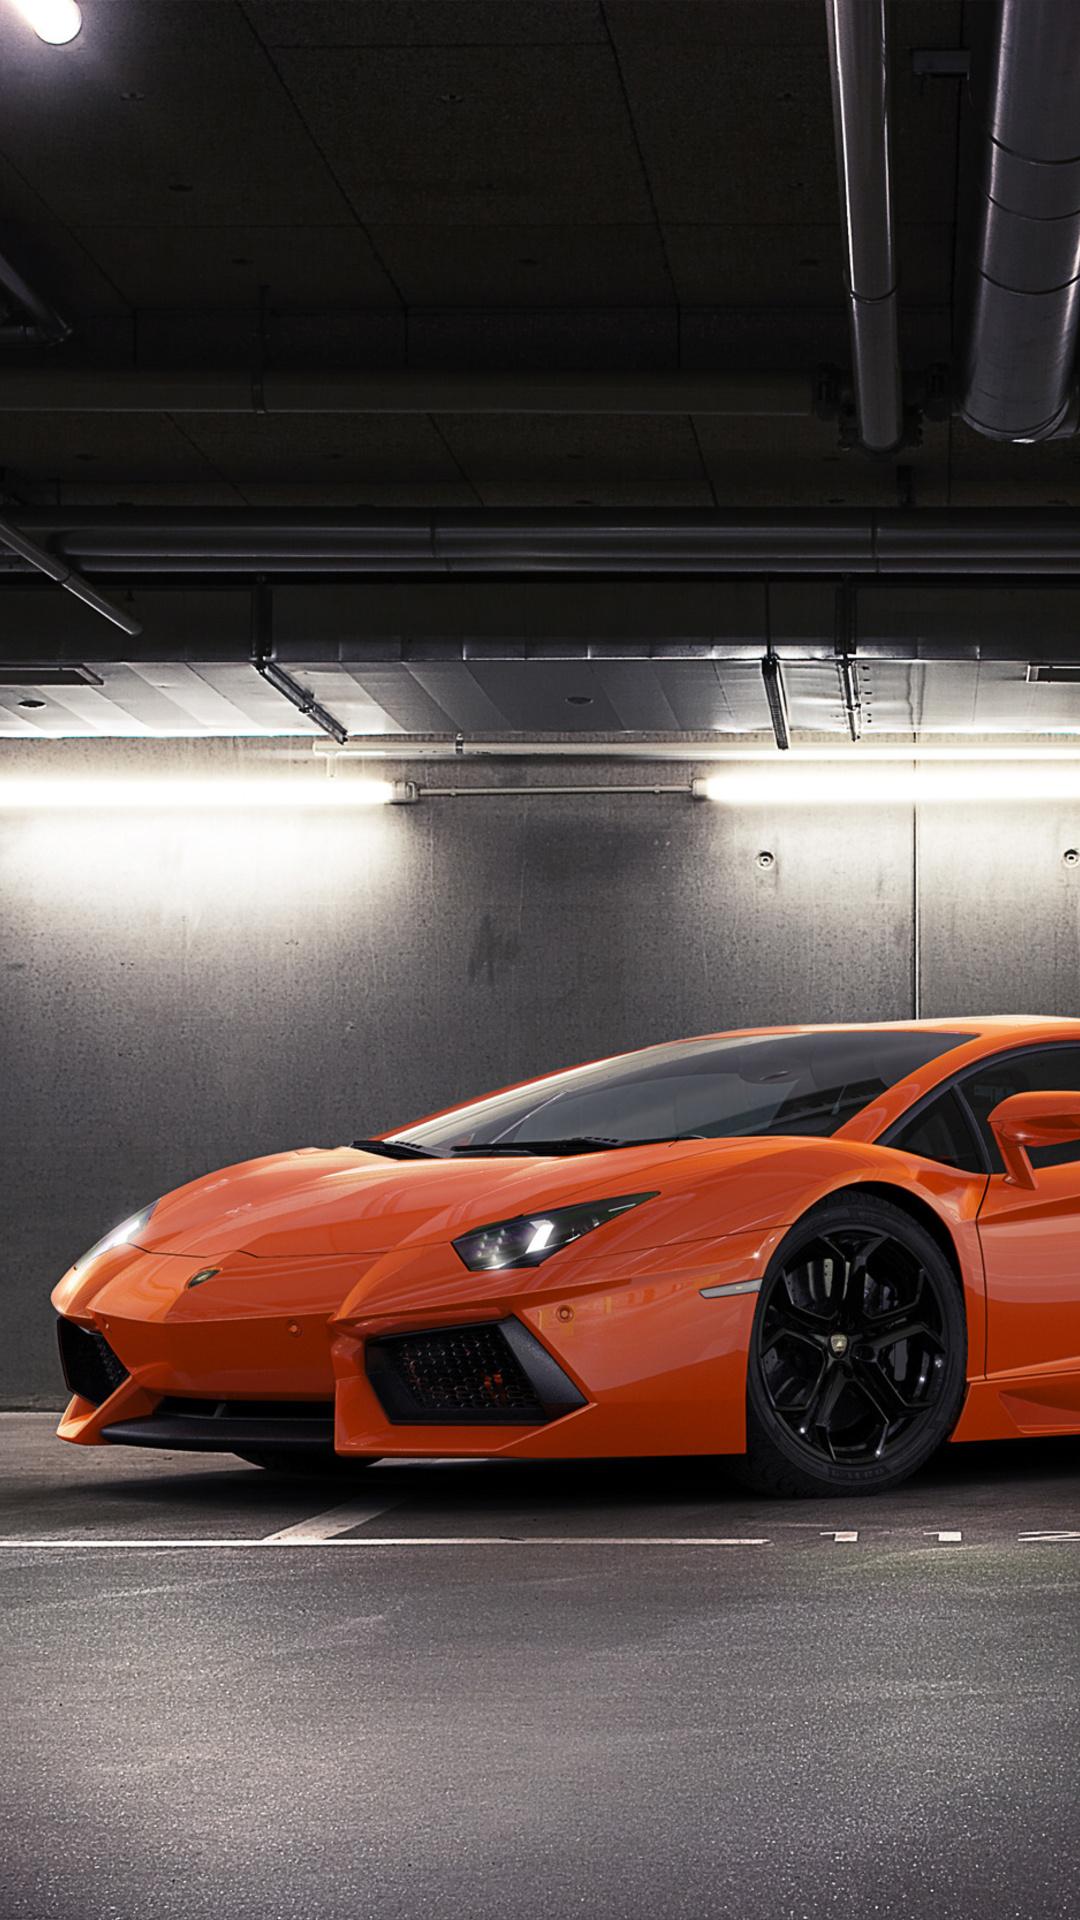 1080x1920 Orange Lamborghini Aventador 2018 Iphone 7 6s 6 Plus